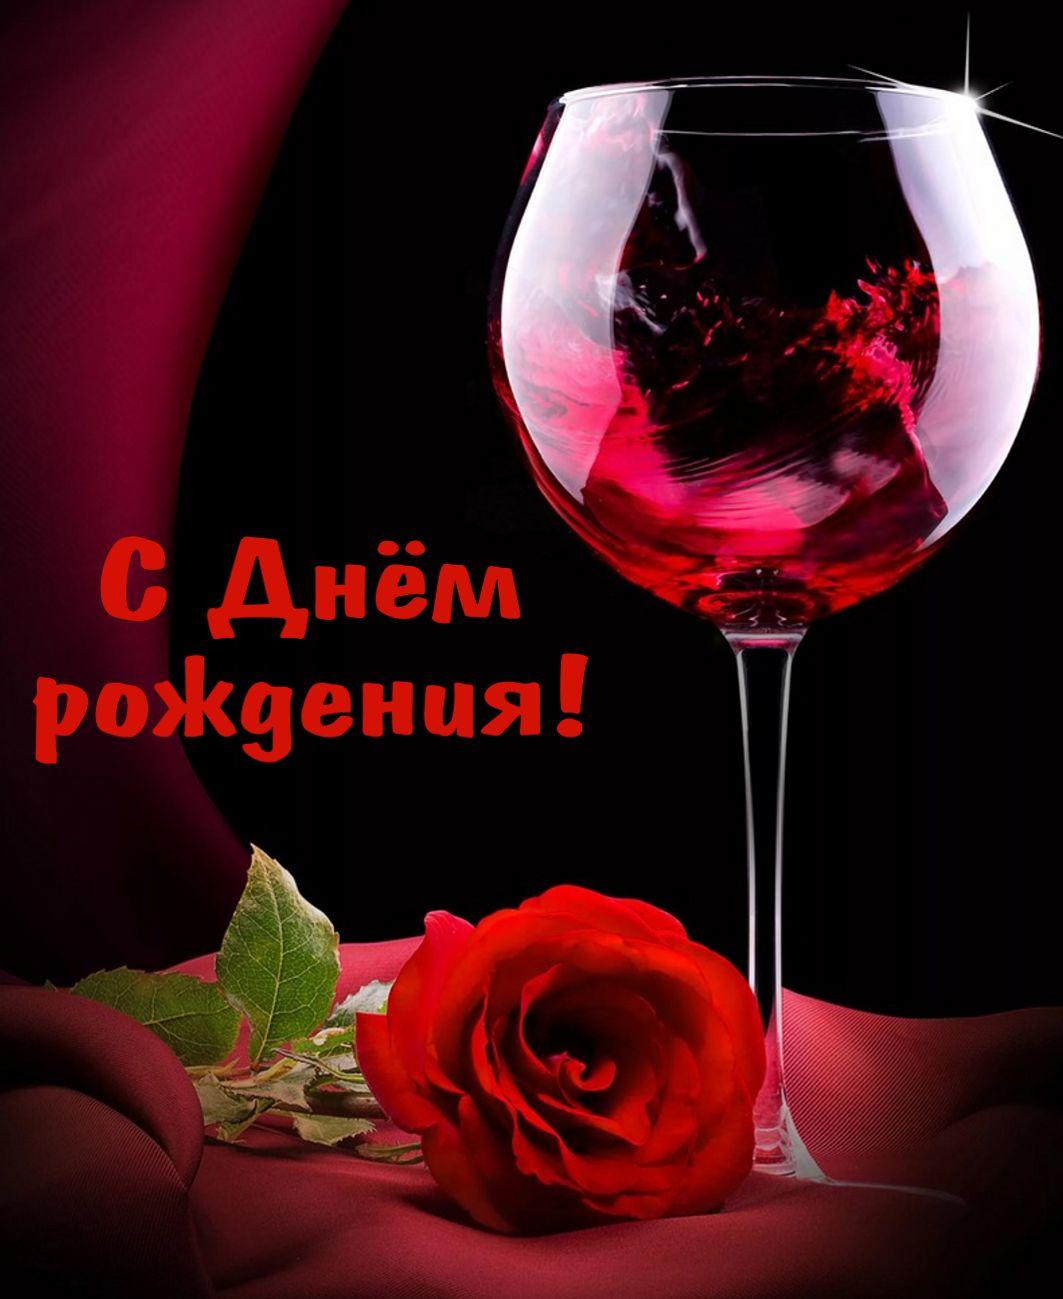 открытка - бокал с вином и цветок на День рождения